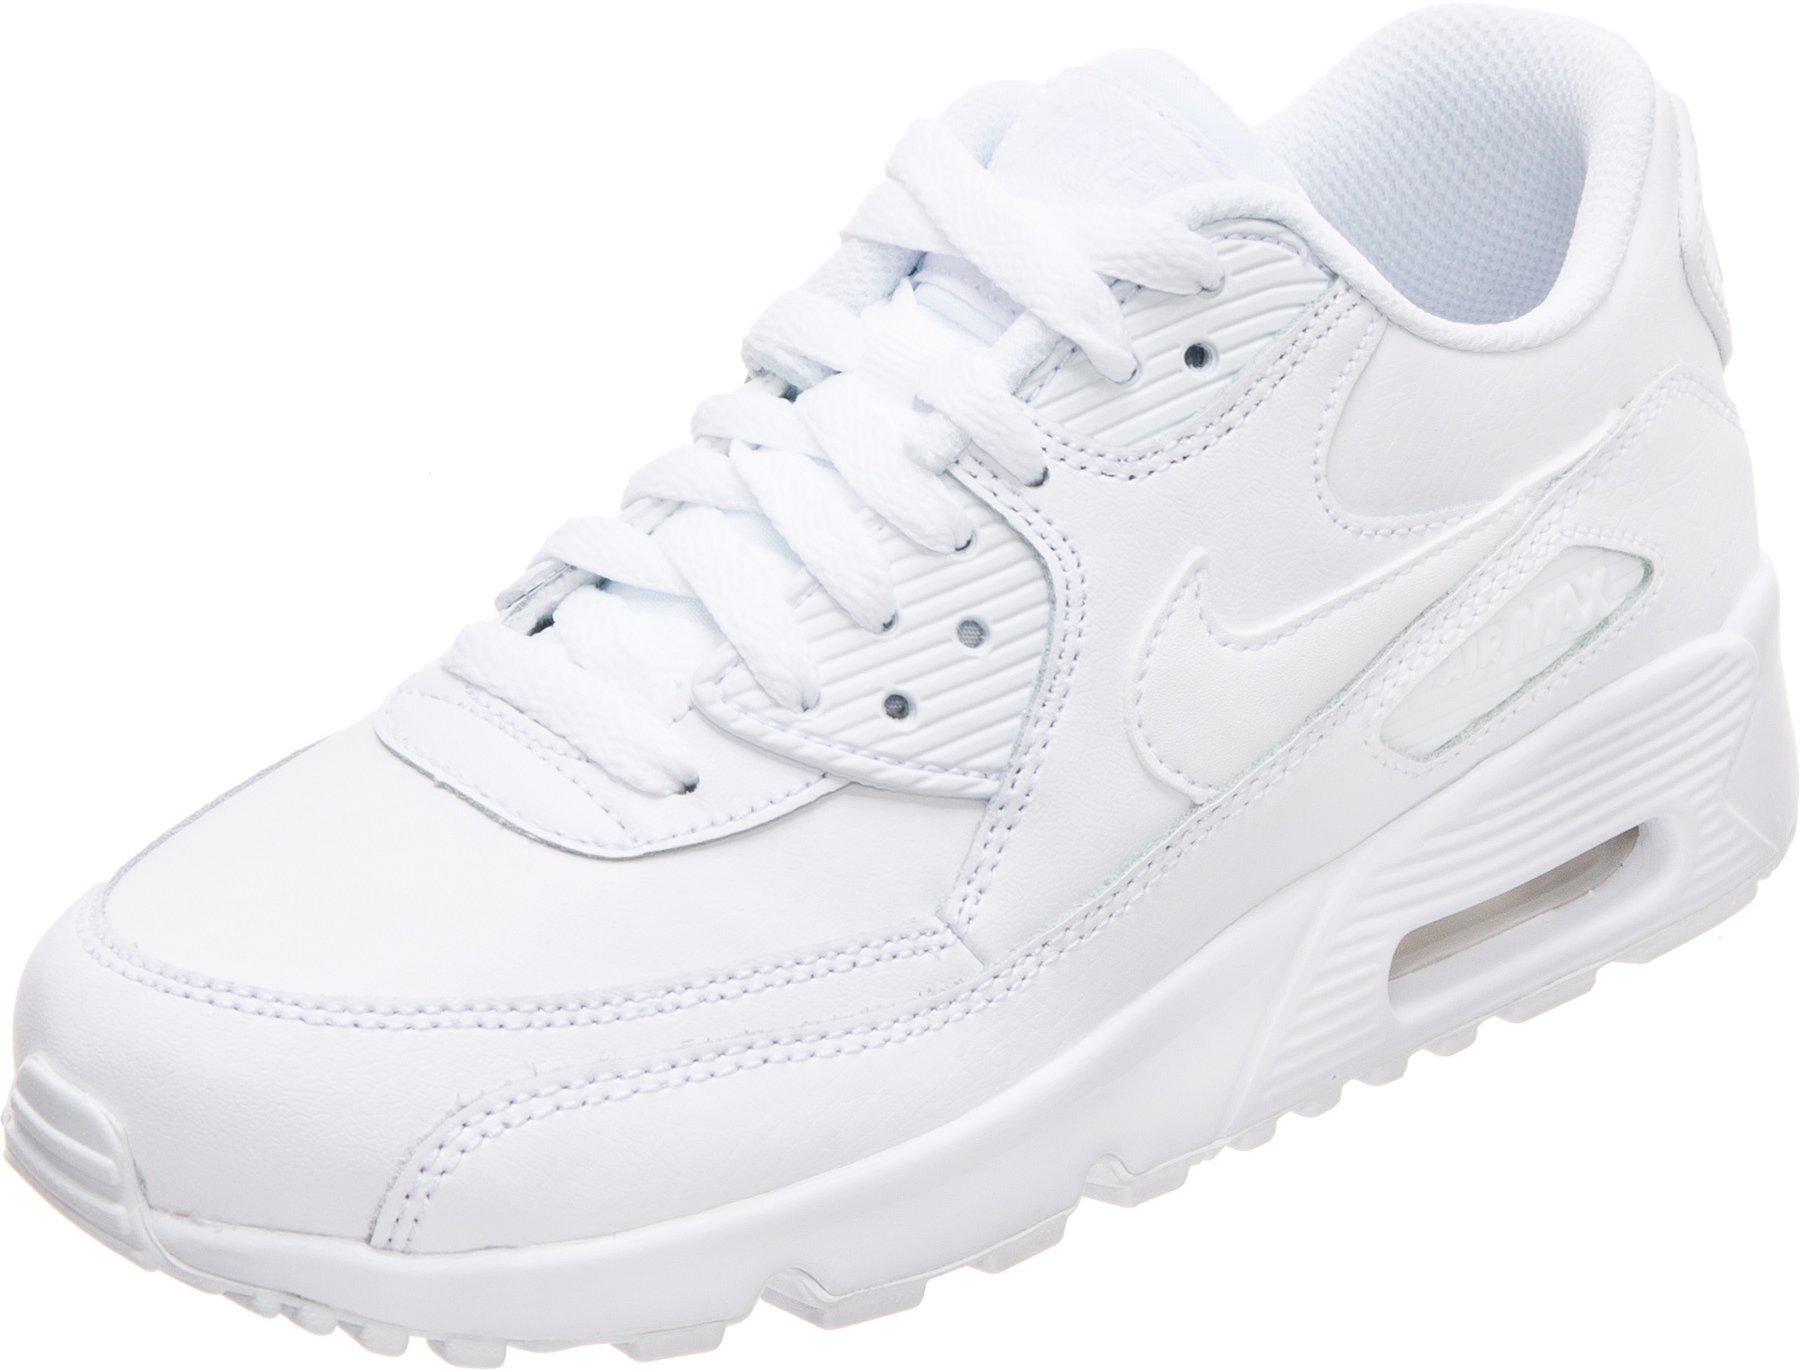 8ee6a7faf538e0 Nike Air Max 90 Leather GS ab 47